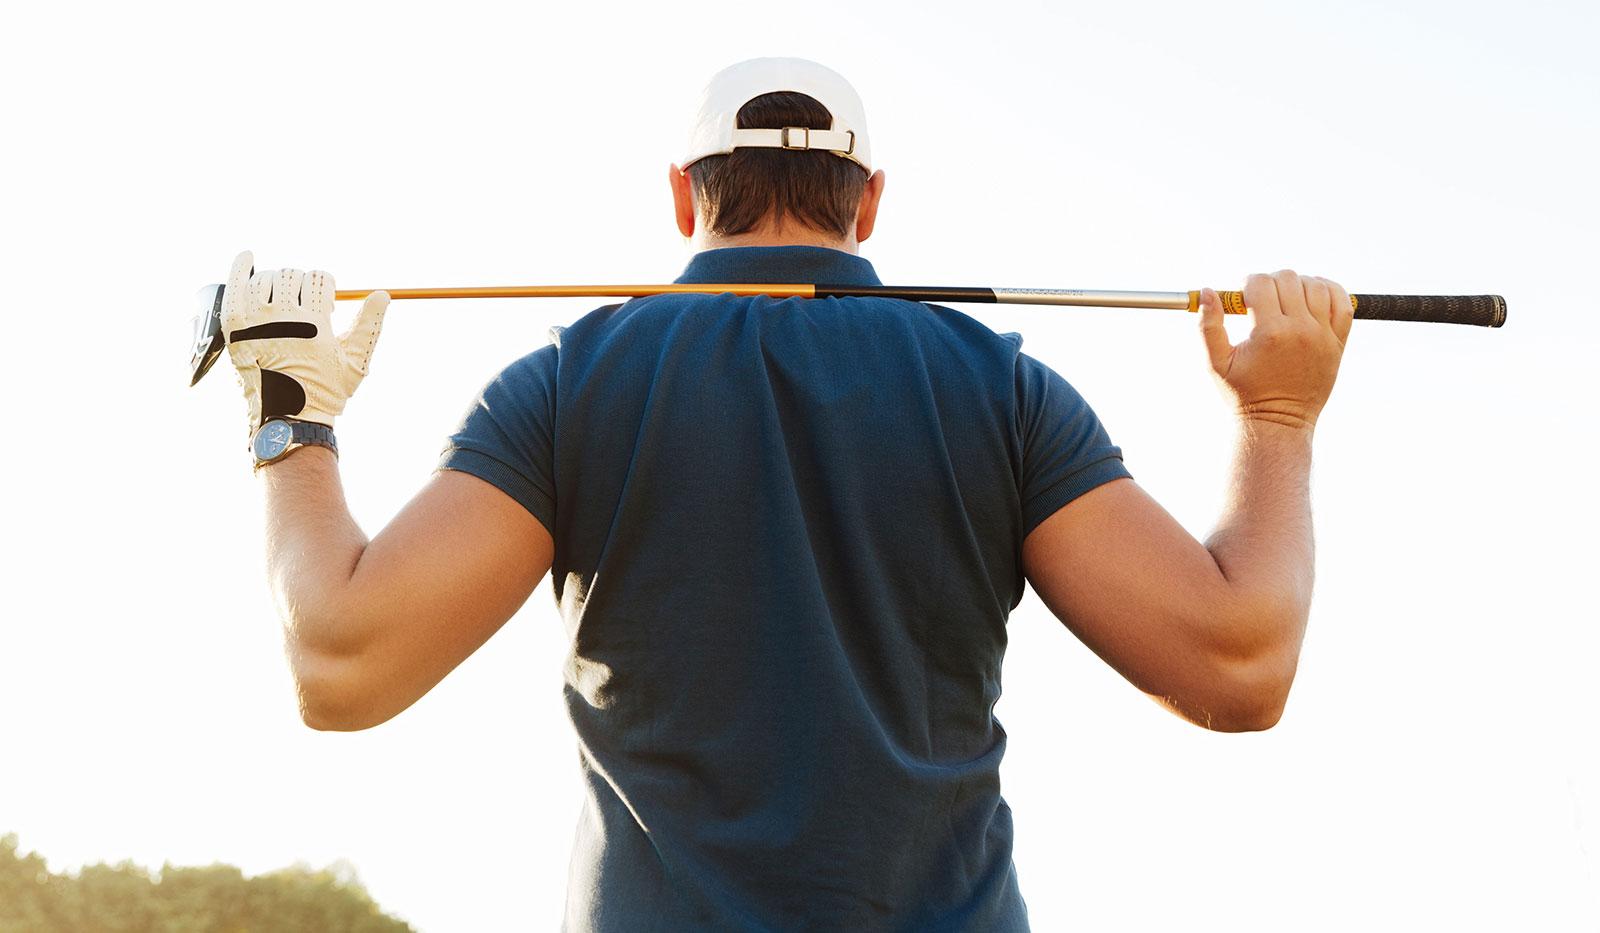 Golfer stretcht seinen Rücken mit Golfschläger